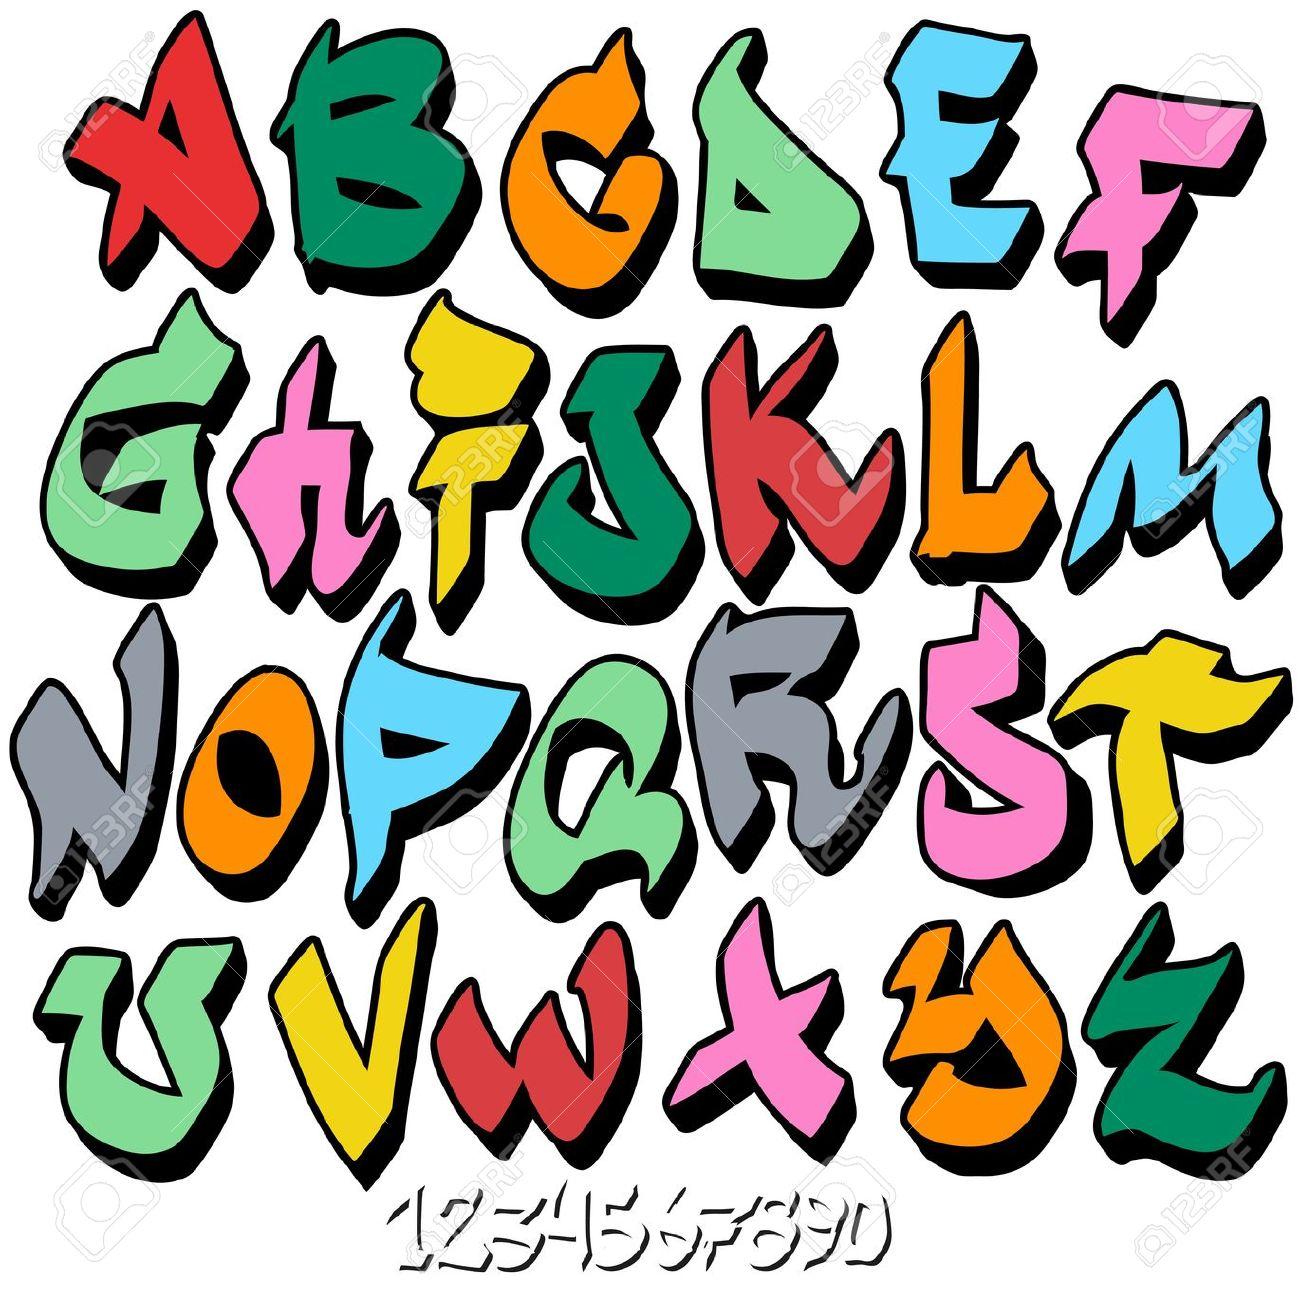 Abecedario-en-Graffiti-Letras-de-Colores.png